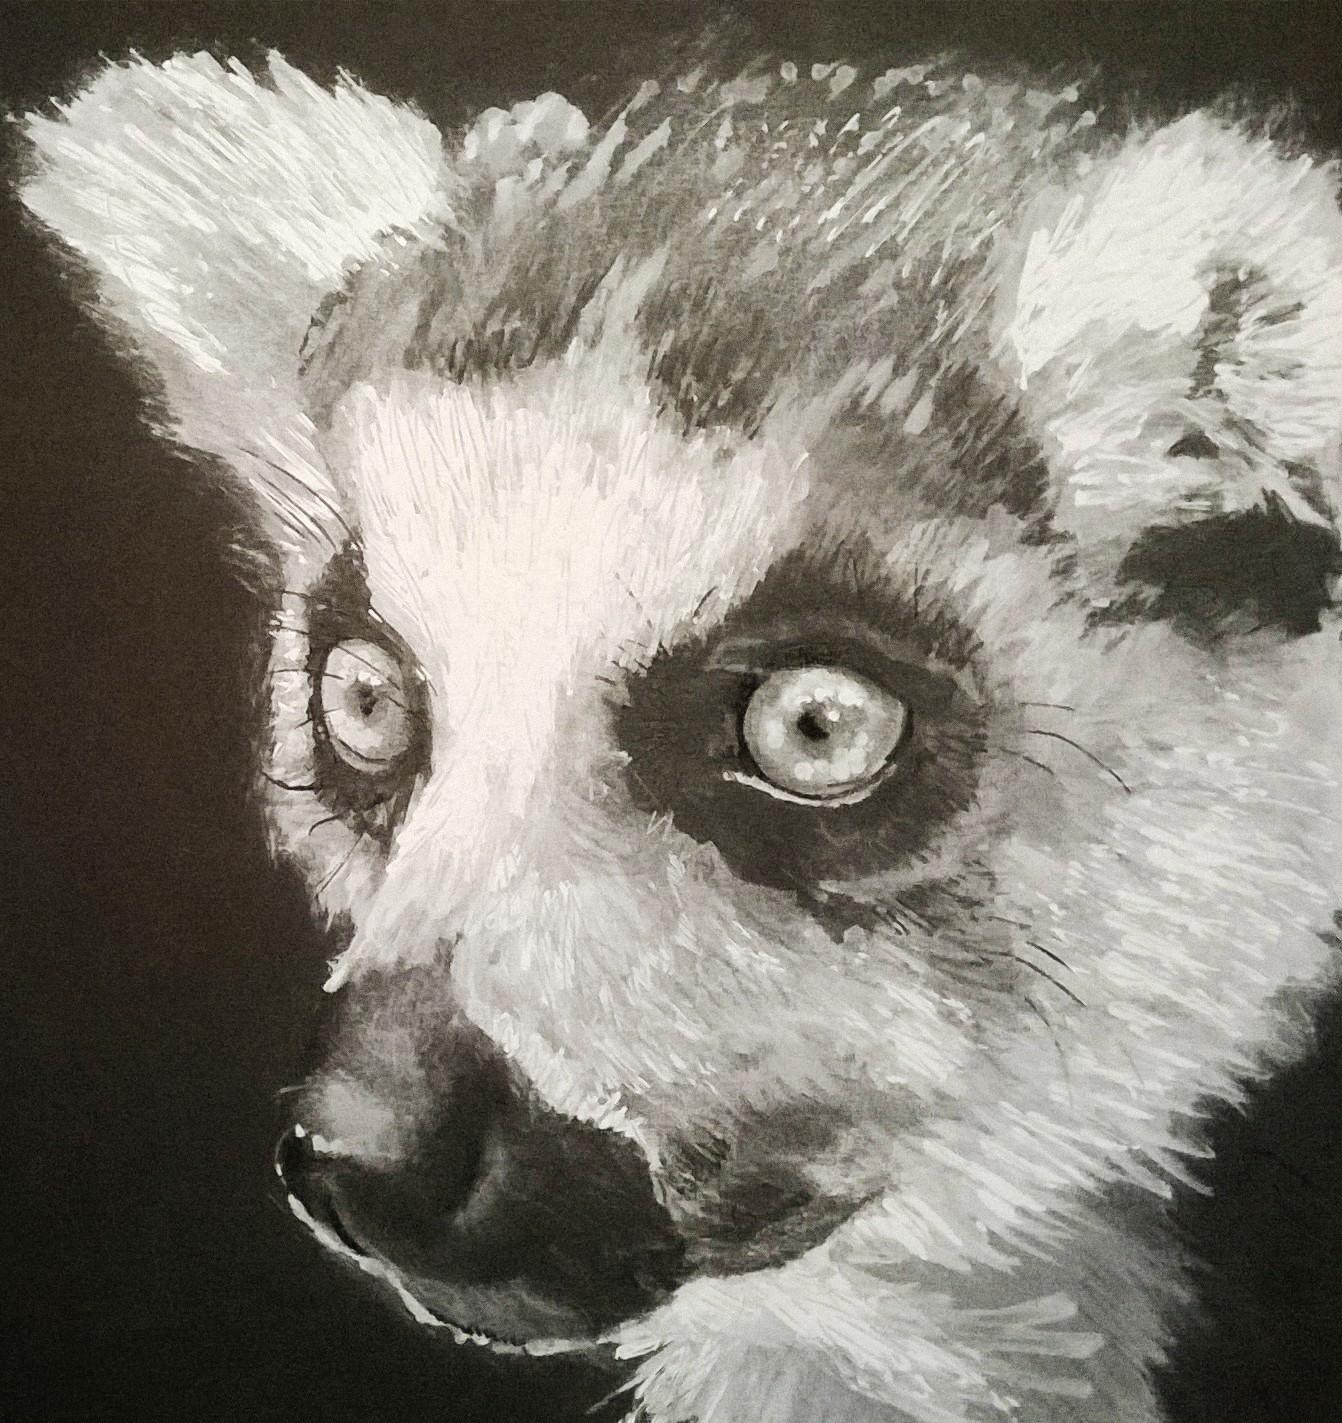 Monochrome Lemur